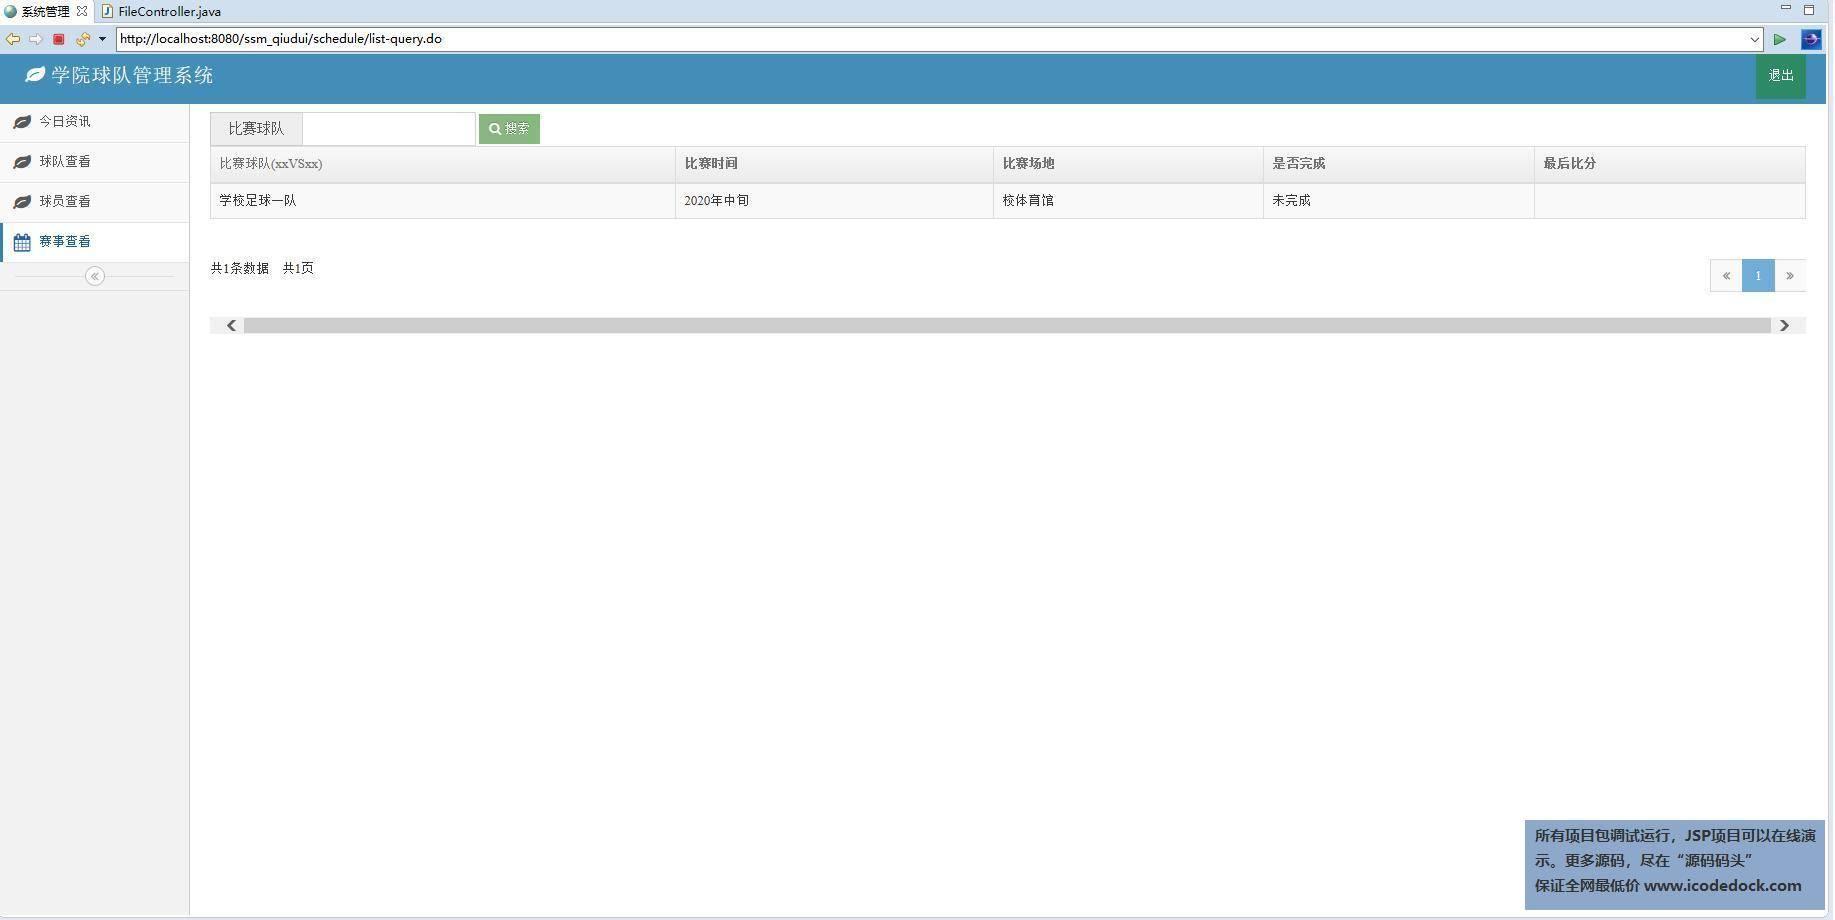 源码码头-SSM球队管理系统-用户管理-赛事查看